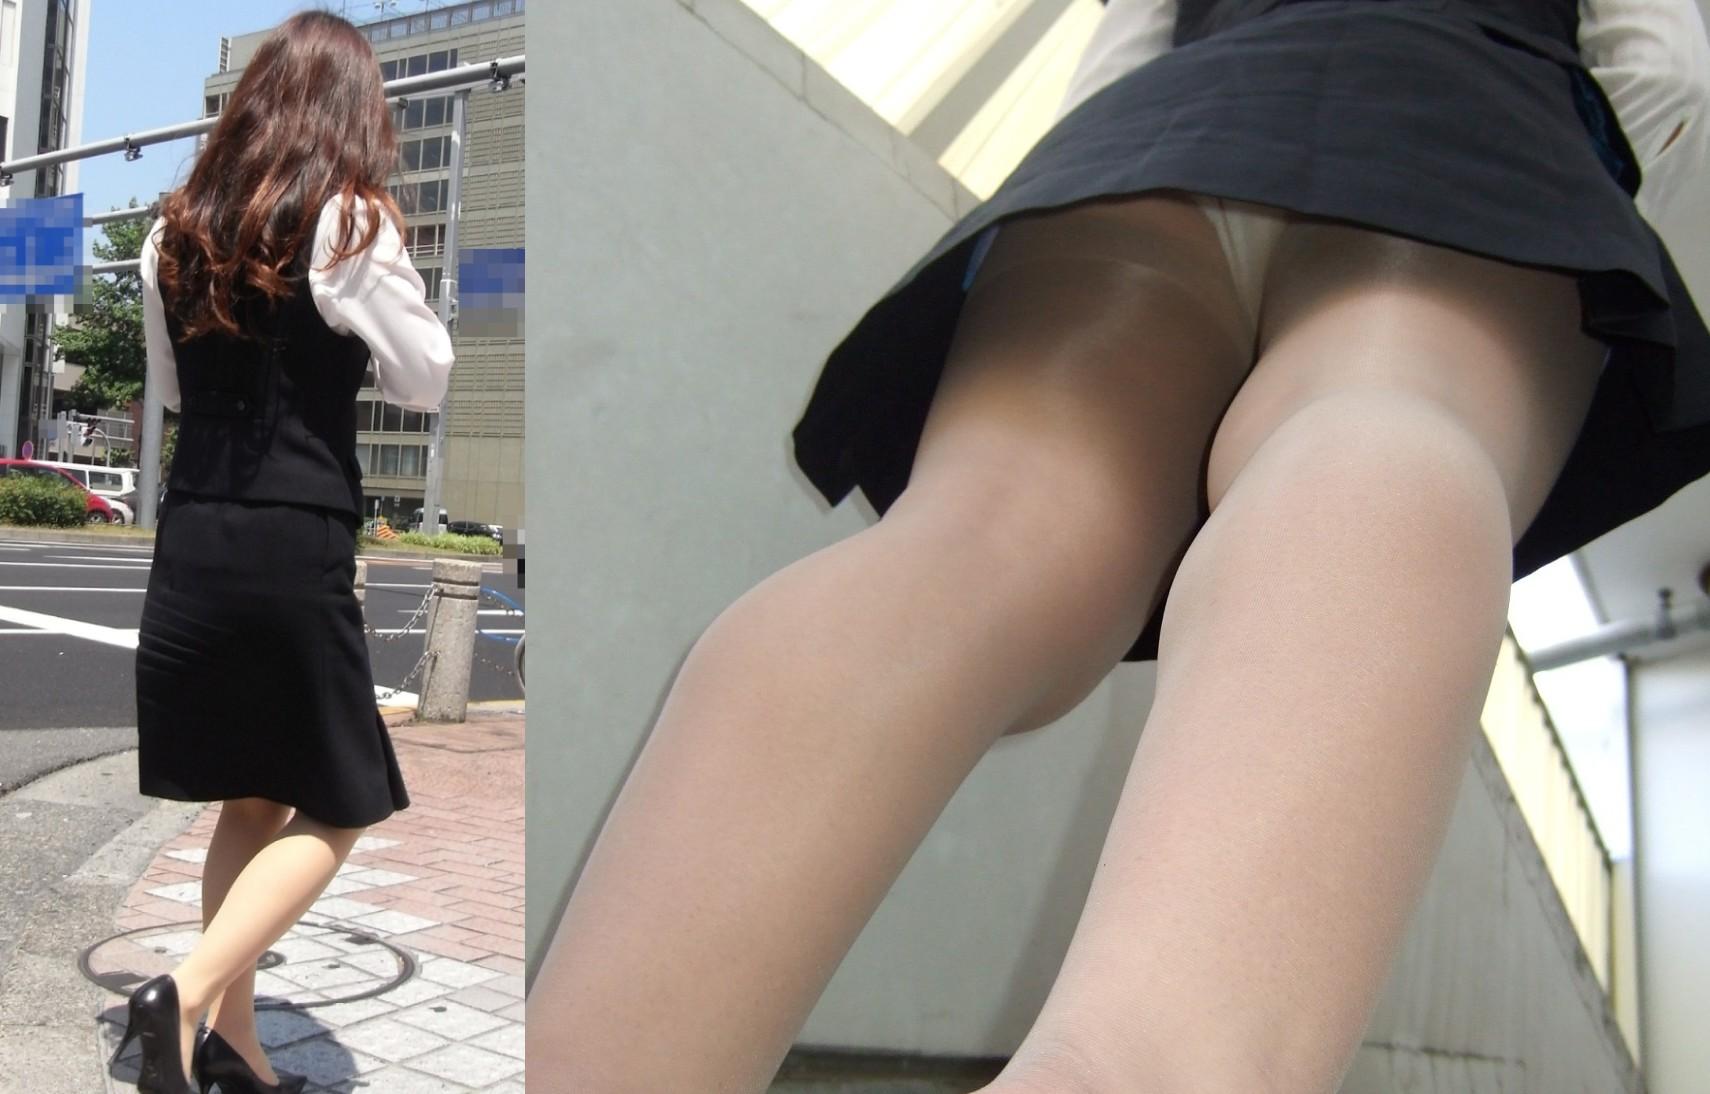 【パンチラ盗撮】業務中、社内行事に外回り…働く女性のムレた股間を必死に覗いたパンチラ画像 19